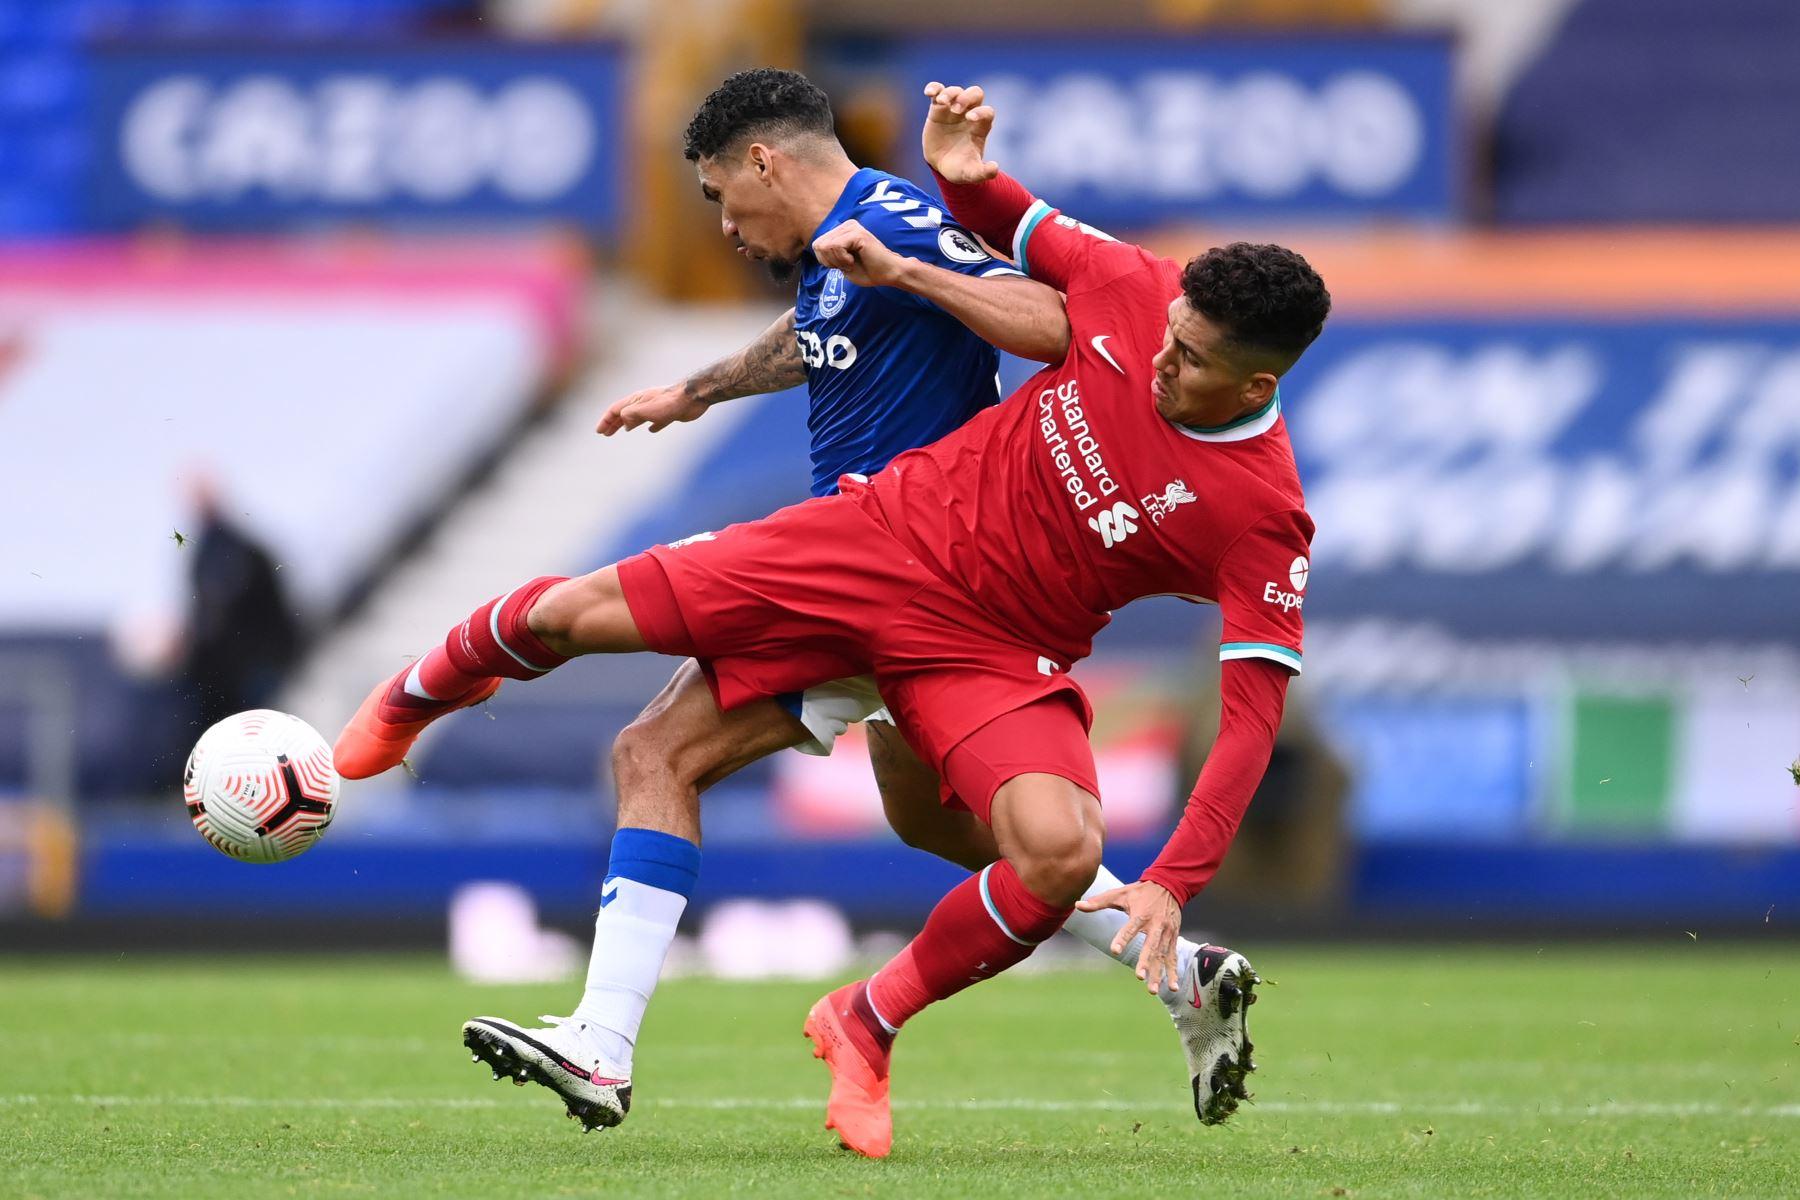 El mediocampista brasileño del Liverpool, Roberto Firmino, compite con el mediocampista brasileño del Everton, Allan, durante el partido de fútbol de la Premier League en Goodison Park, Liverpool. Foto: AFP